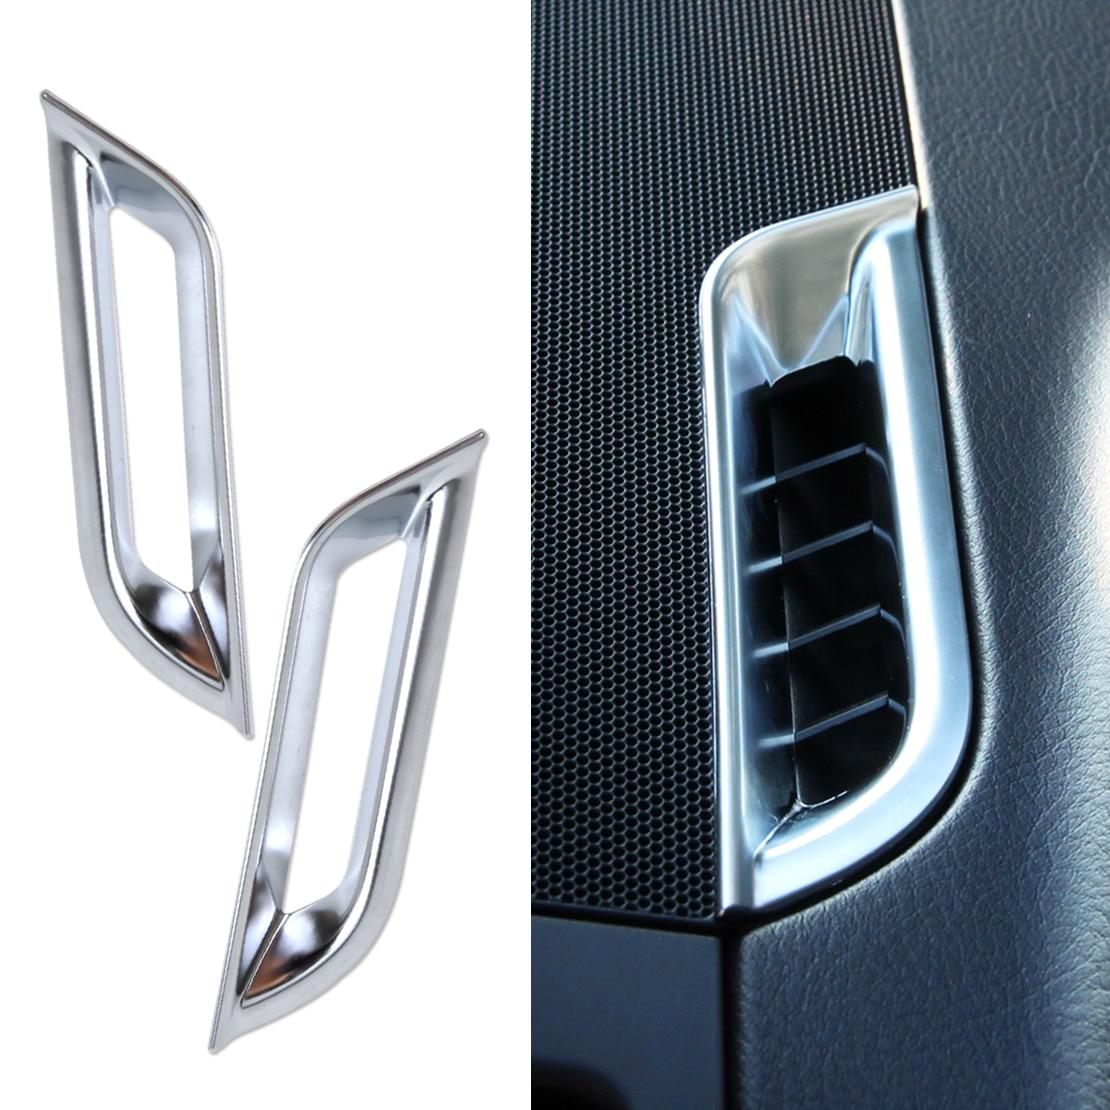 2010 Land Rover Lr2 Interior: Beler 2PCS New Chrome Dashboard AC Air Vent Trim Cover For